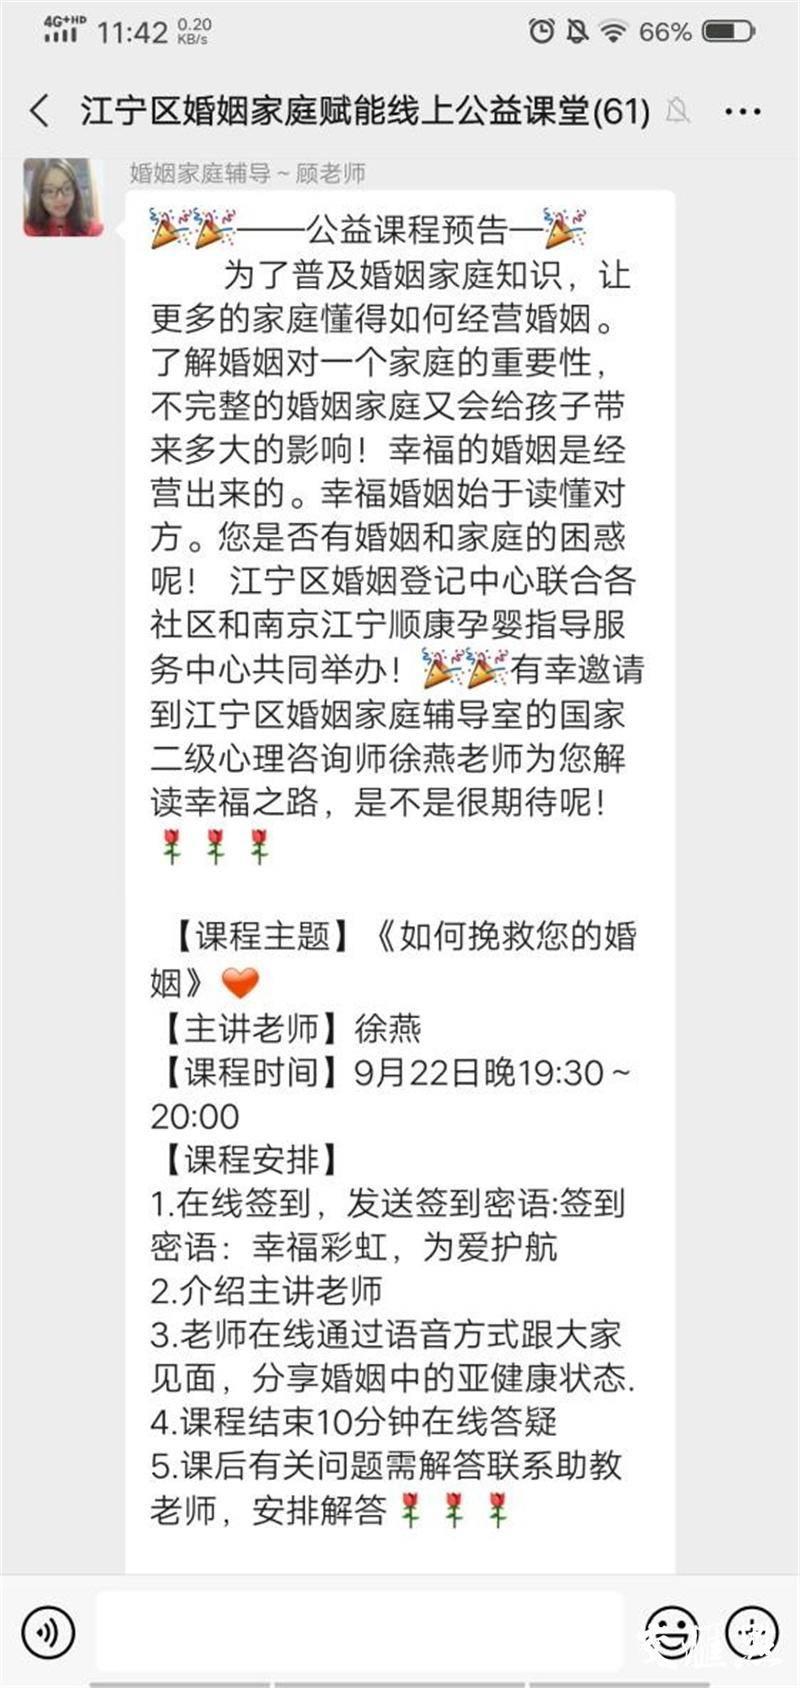 http://www.weixinrensheng.com/sifanghua/2590899.html